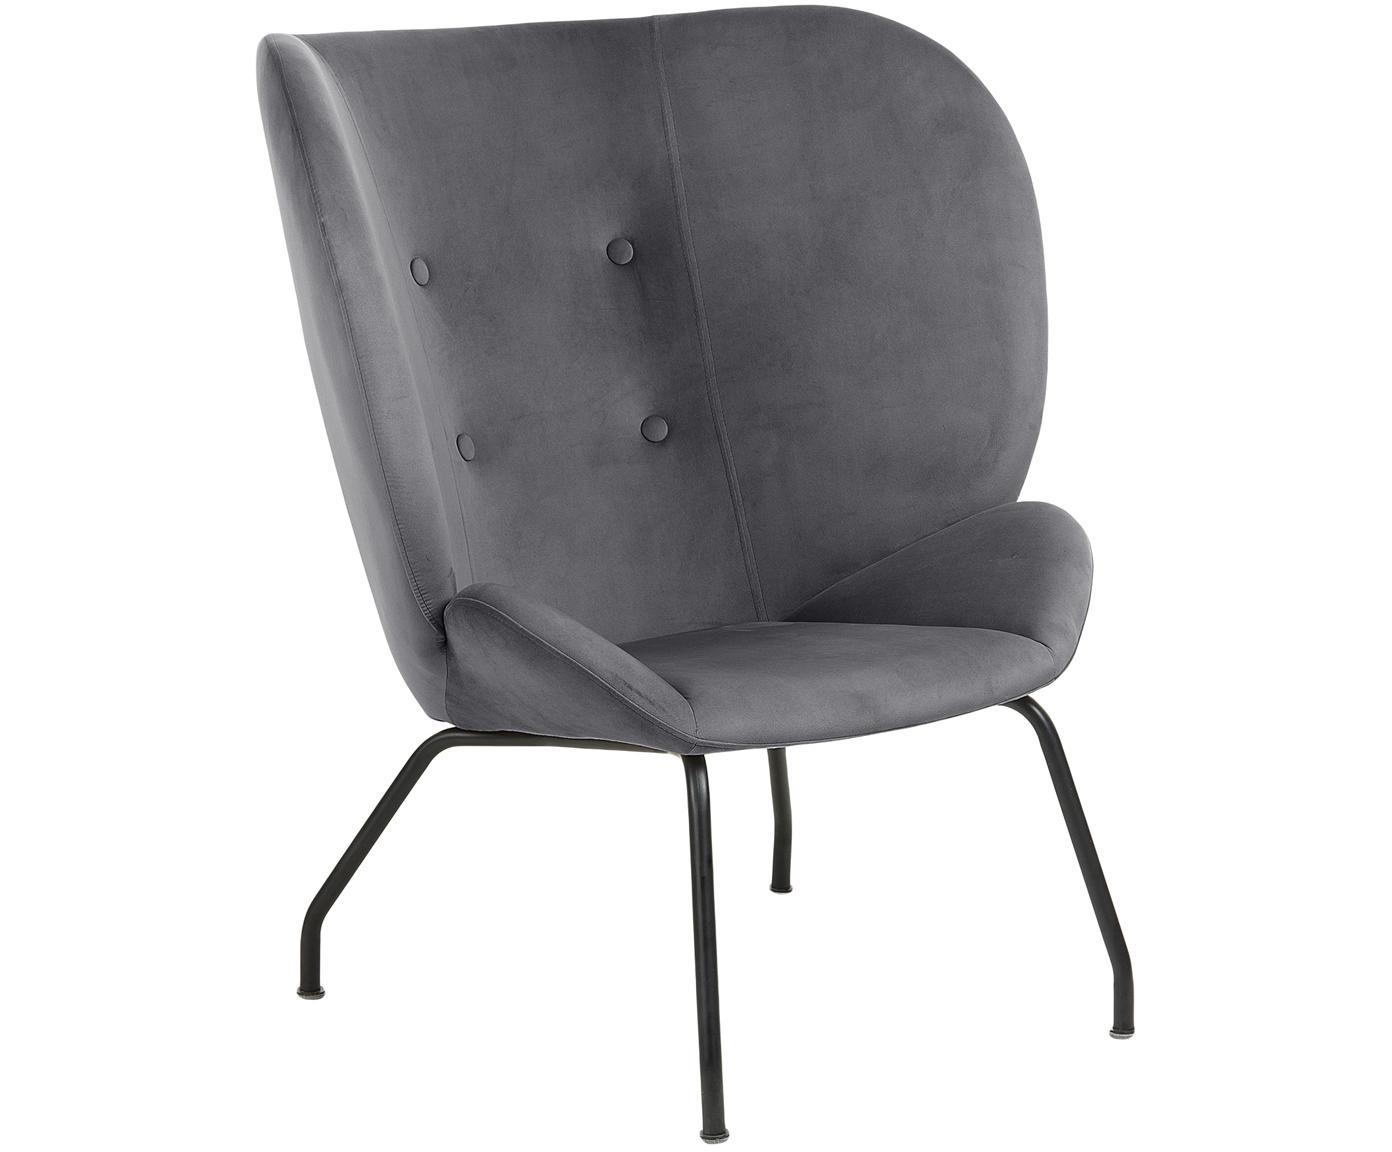 Fotel wypoczynkowy z aksamitu Vernen, Aksamit, metal, Ciemnoszary, czarny, S 90 x G 82 cm